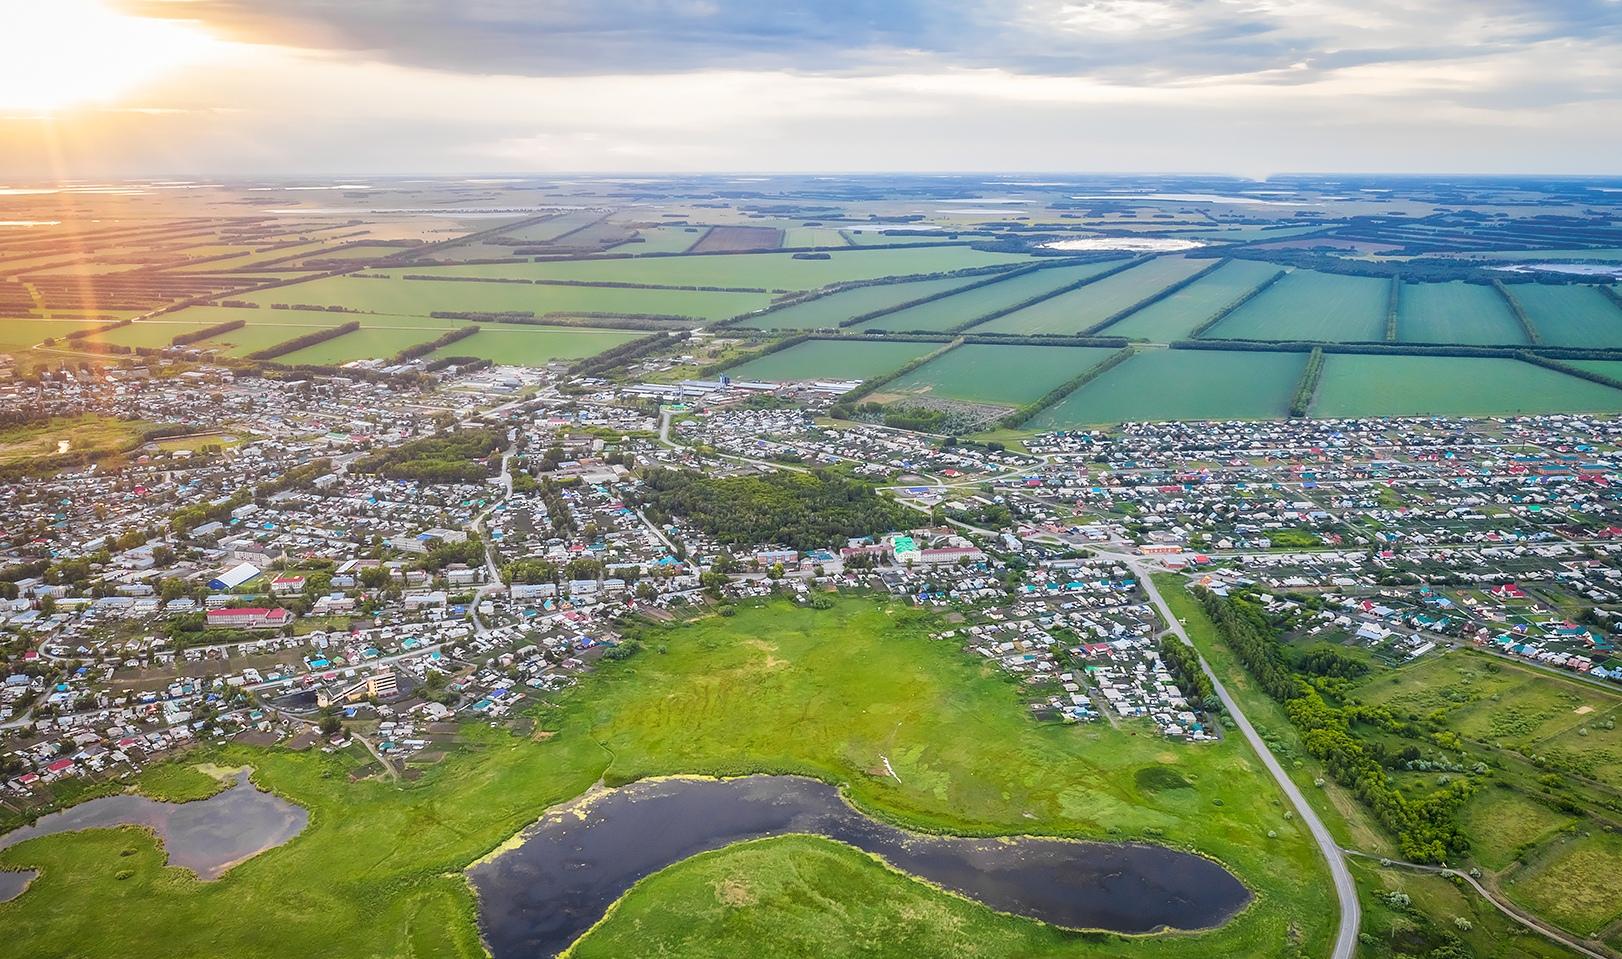 Краснозёрское является крупнейшим сельскохозяйственным районом области